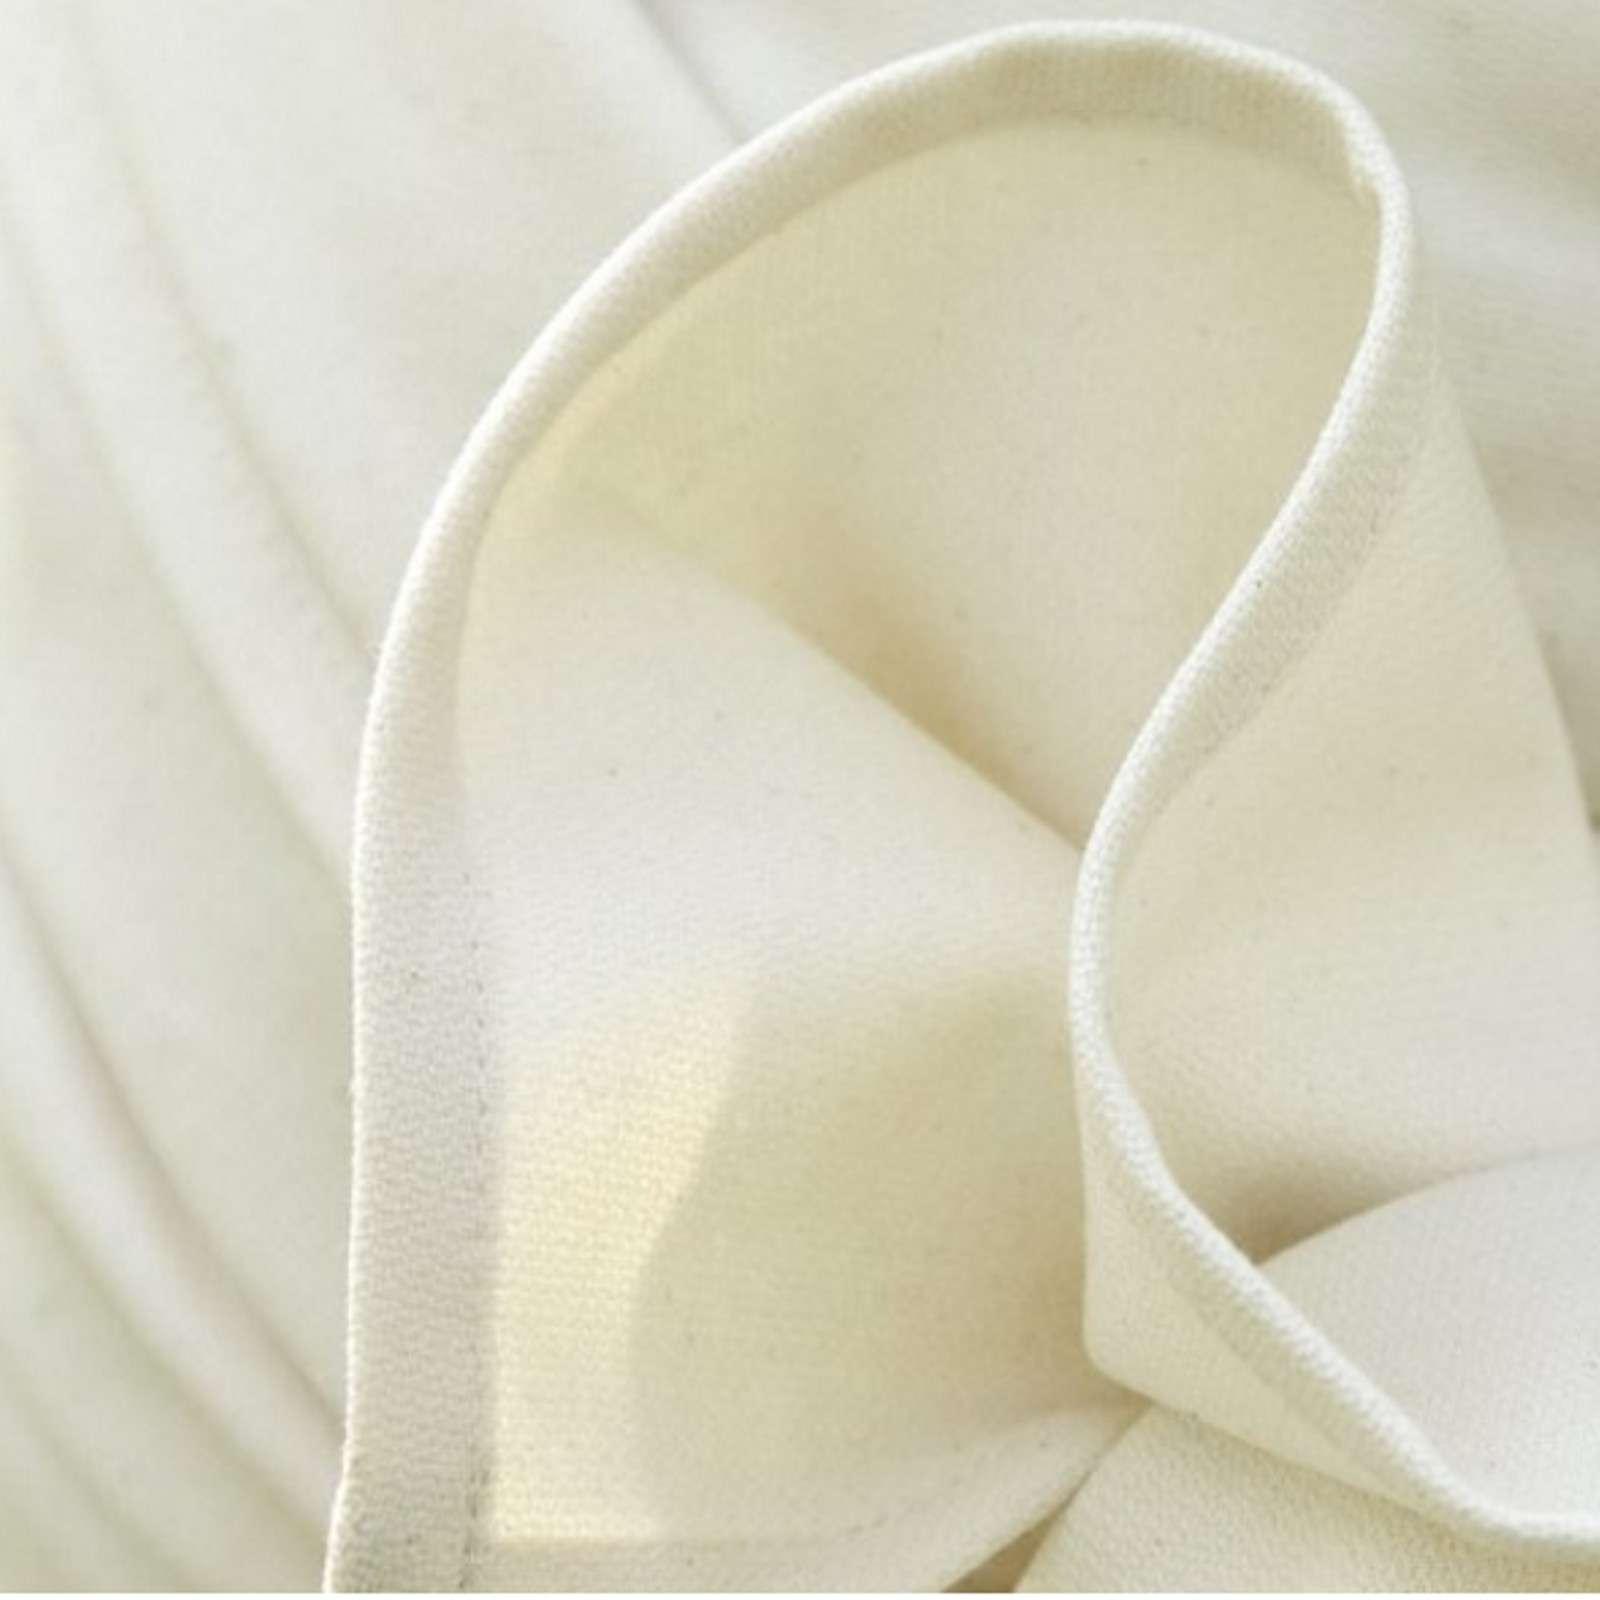 ba51657d098ce9 ... Vorschau  Cotonea Baby Tragetuch Bio Baumwolle IVN BEST Farbe natur